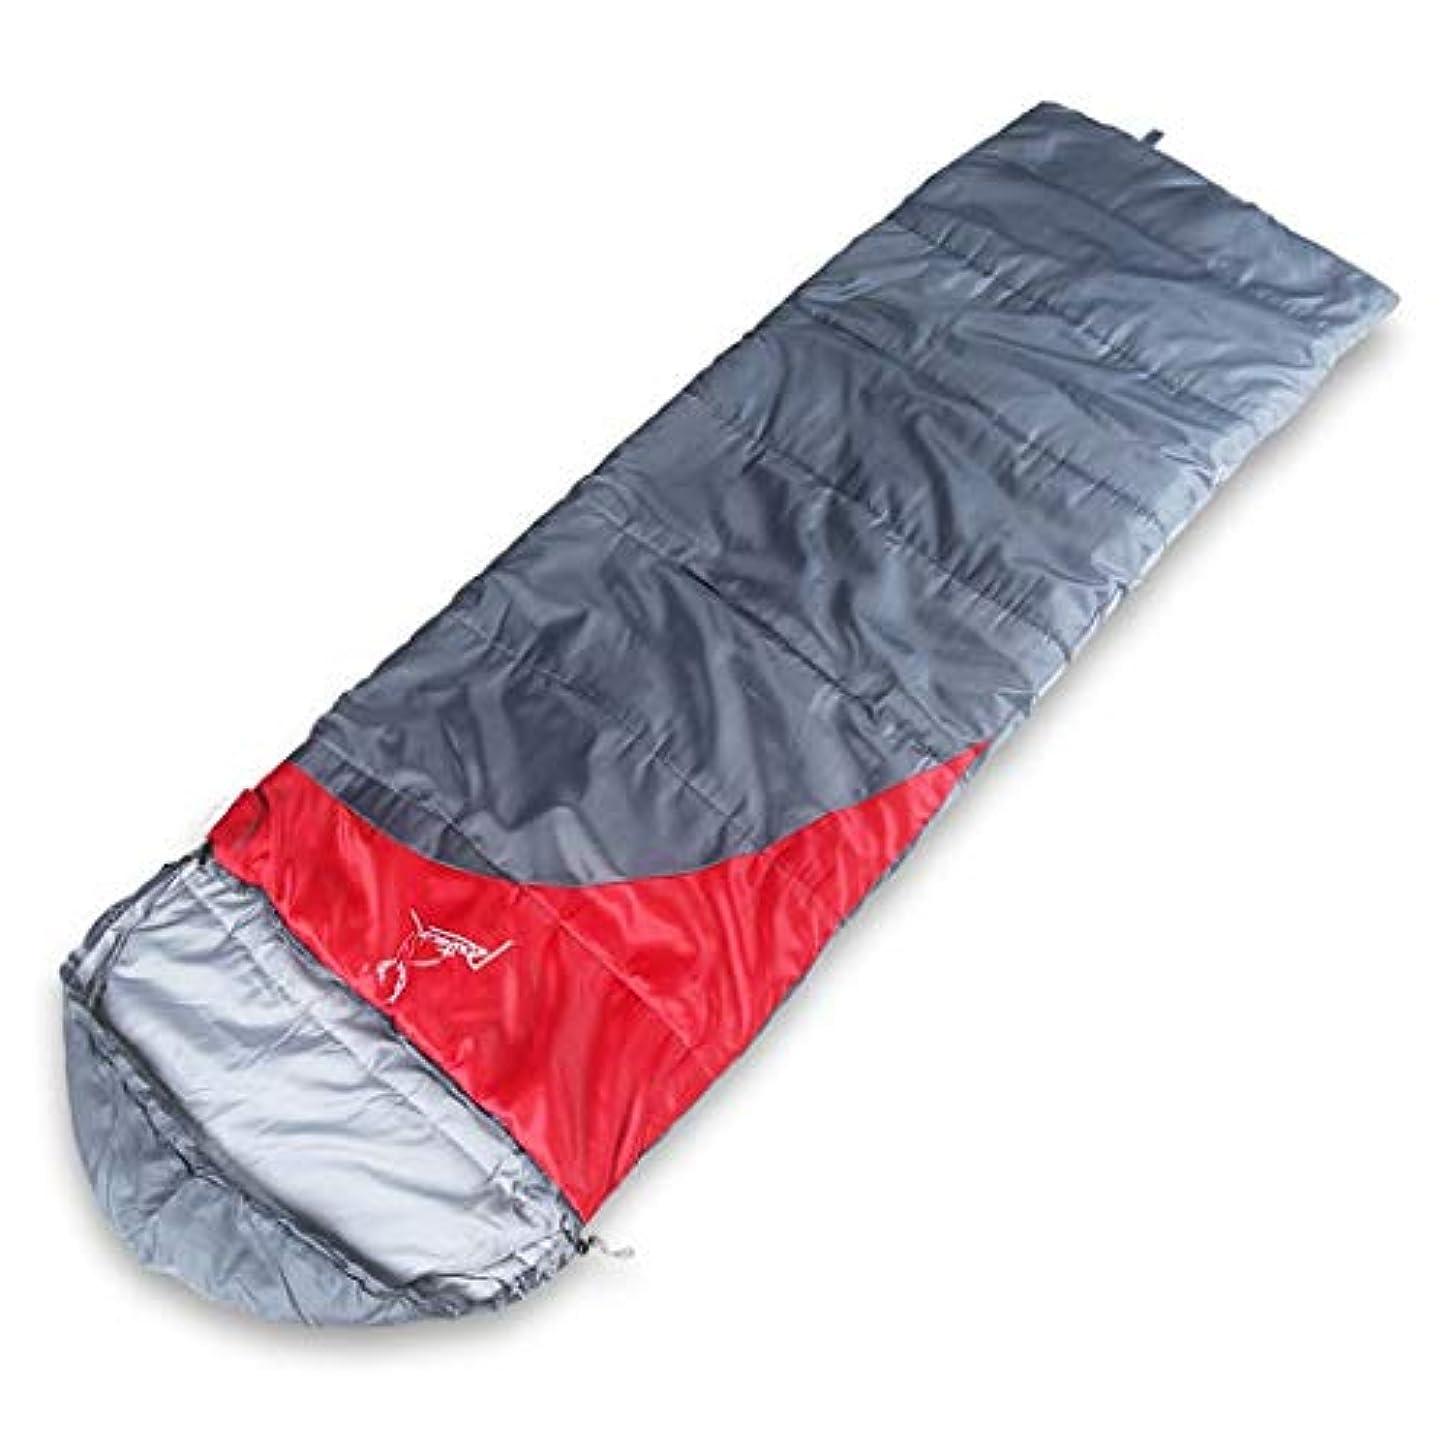 マイコン影軽寝袋、暖かい天候および軽量の防水は大人の旅行および屋外の活動のために大きい